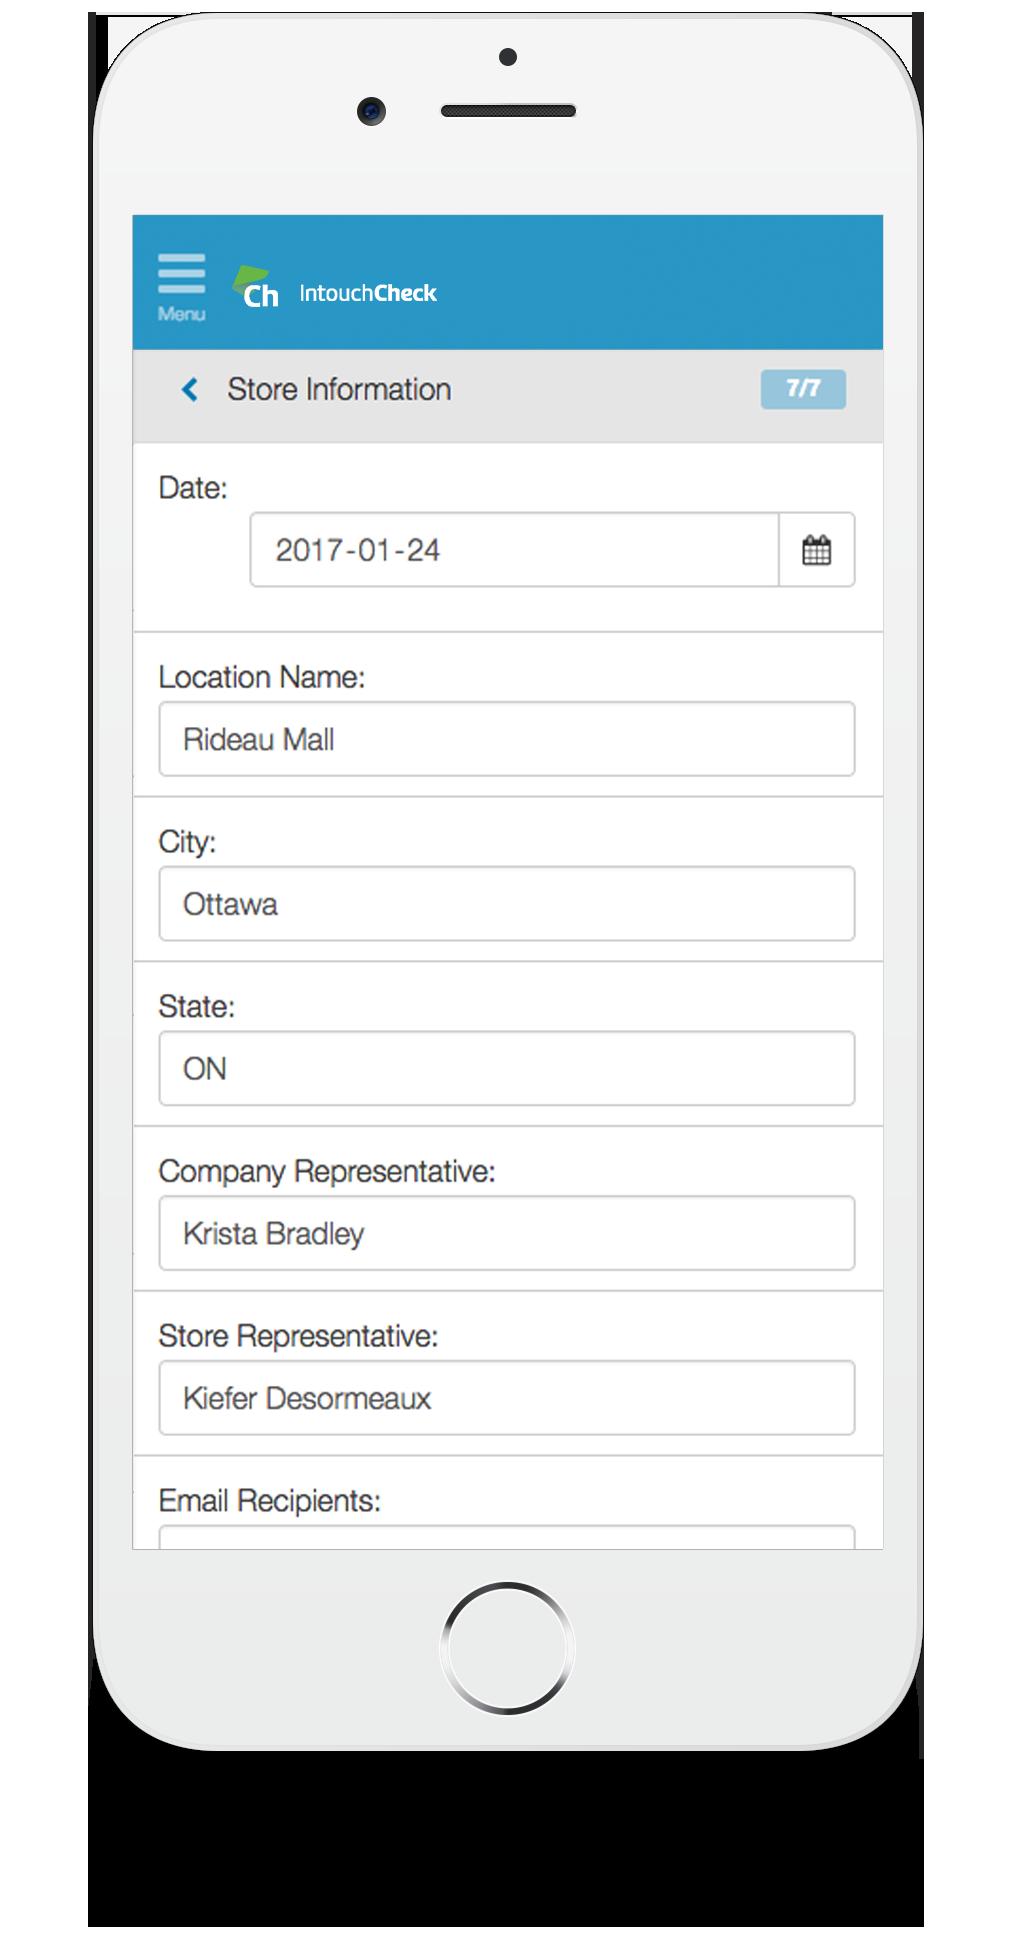 retail-service-audit-form-1.png